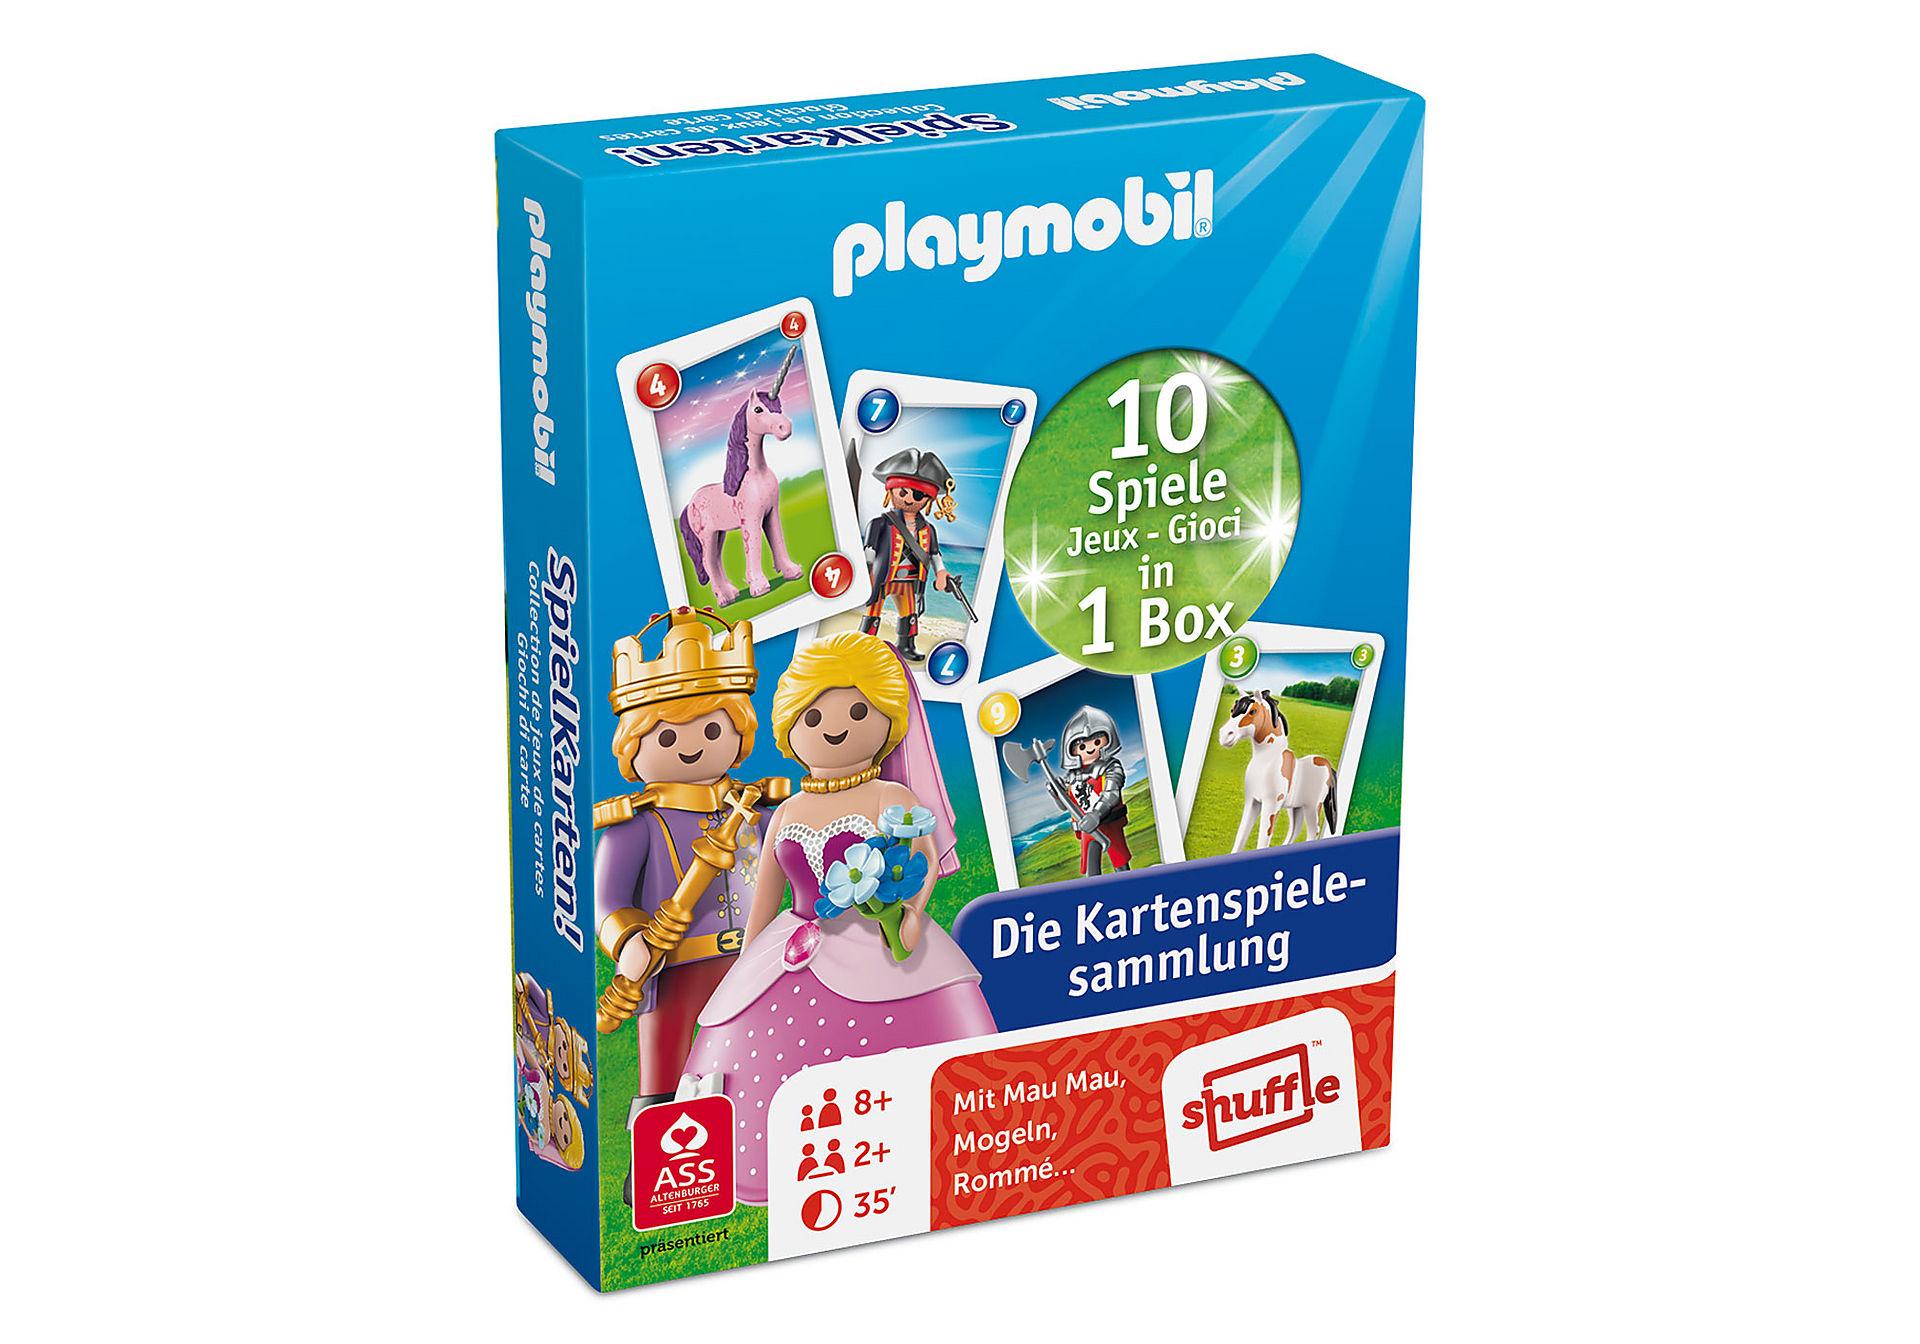 80096 SpielKarten! - Die Kartenspielesammlung zoom image2